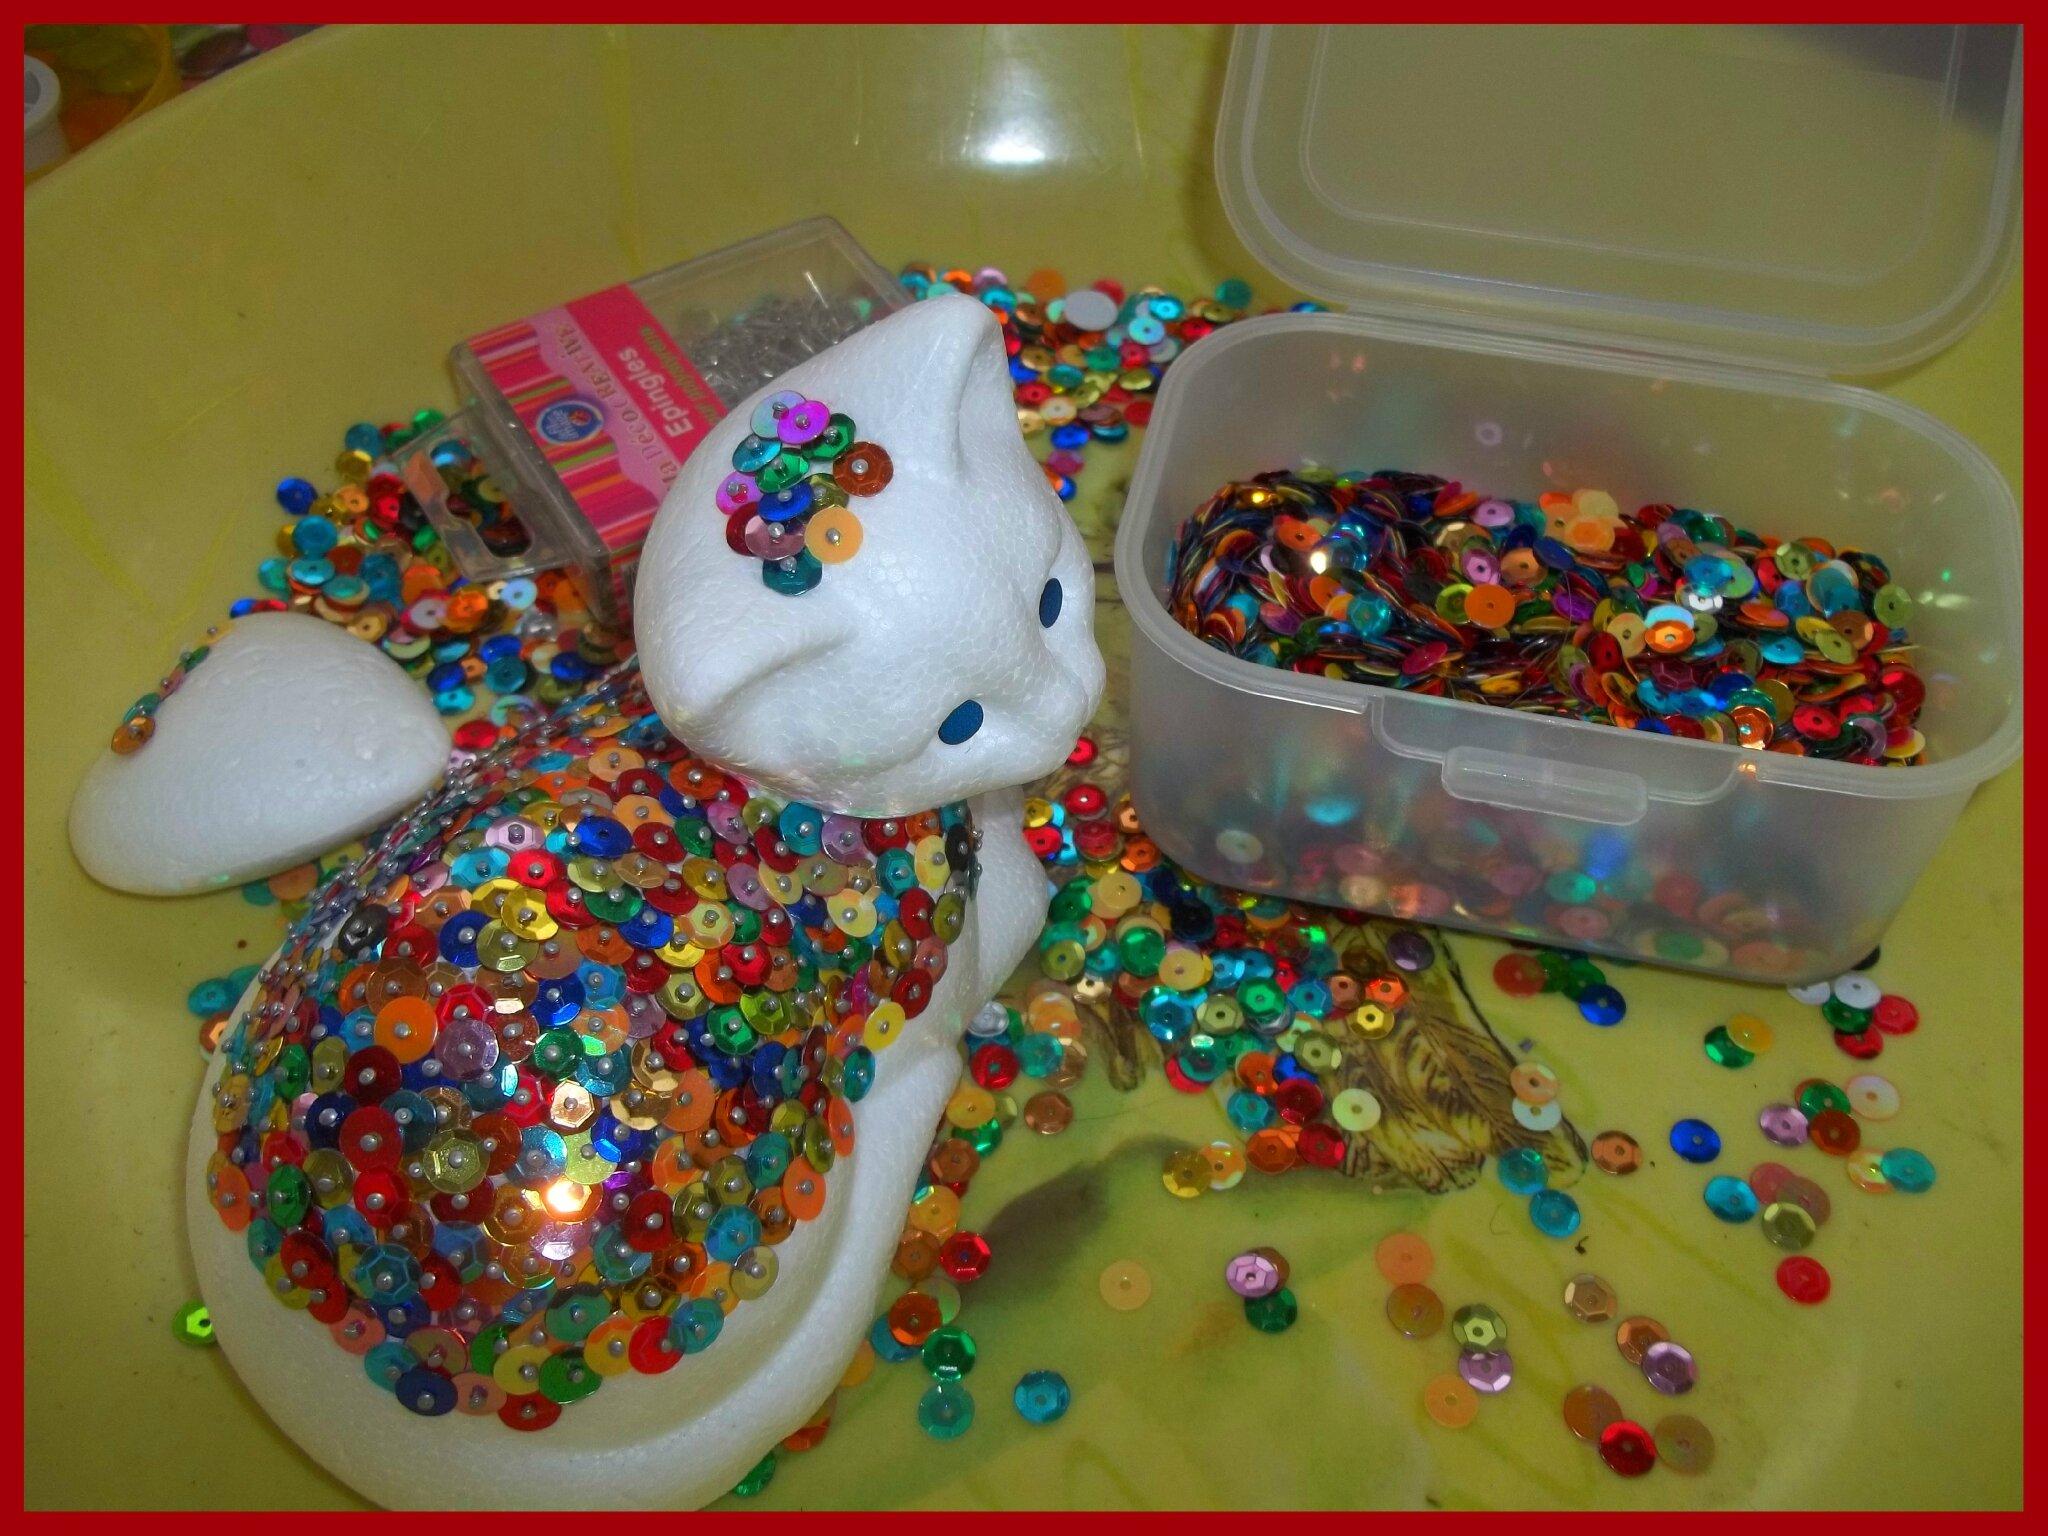 Activit s manuelles un chat en sequins cidi et le monde des loisirs cr atifs r cup - Activites manuelles petit ...